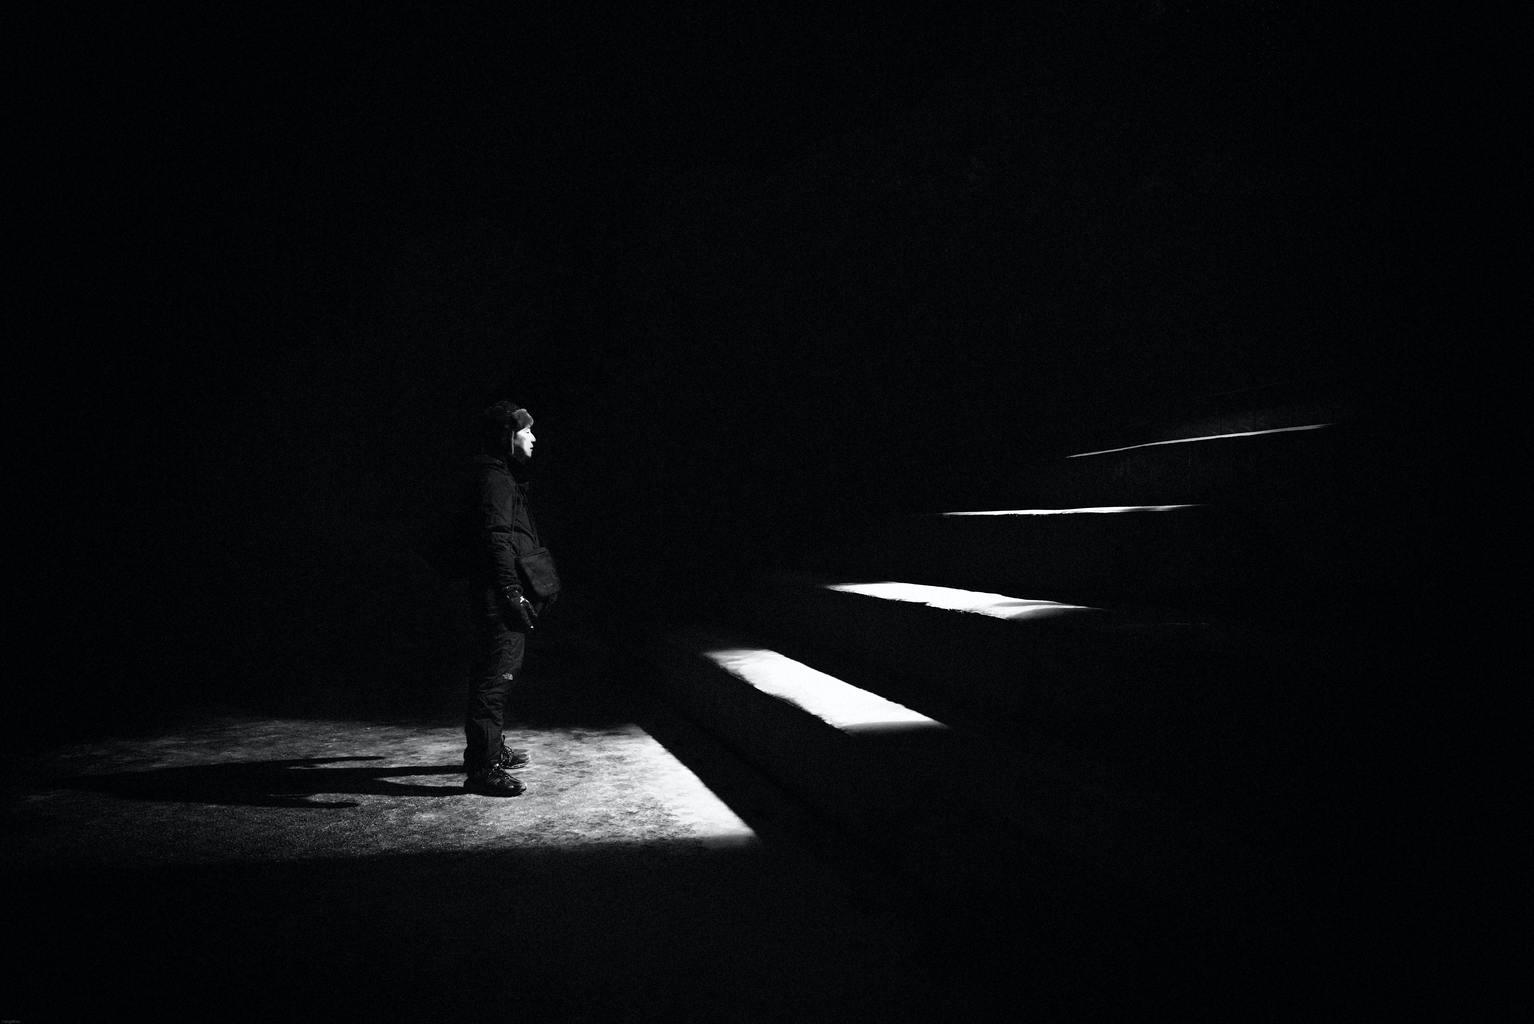 лестница света и тьмы как пример того, что такое черно-белая фотография